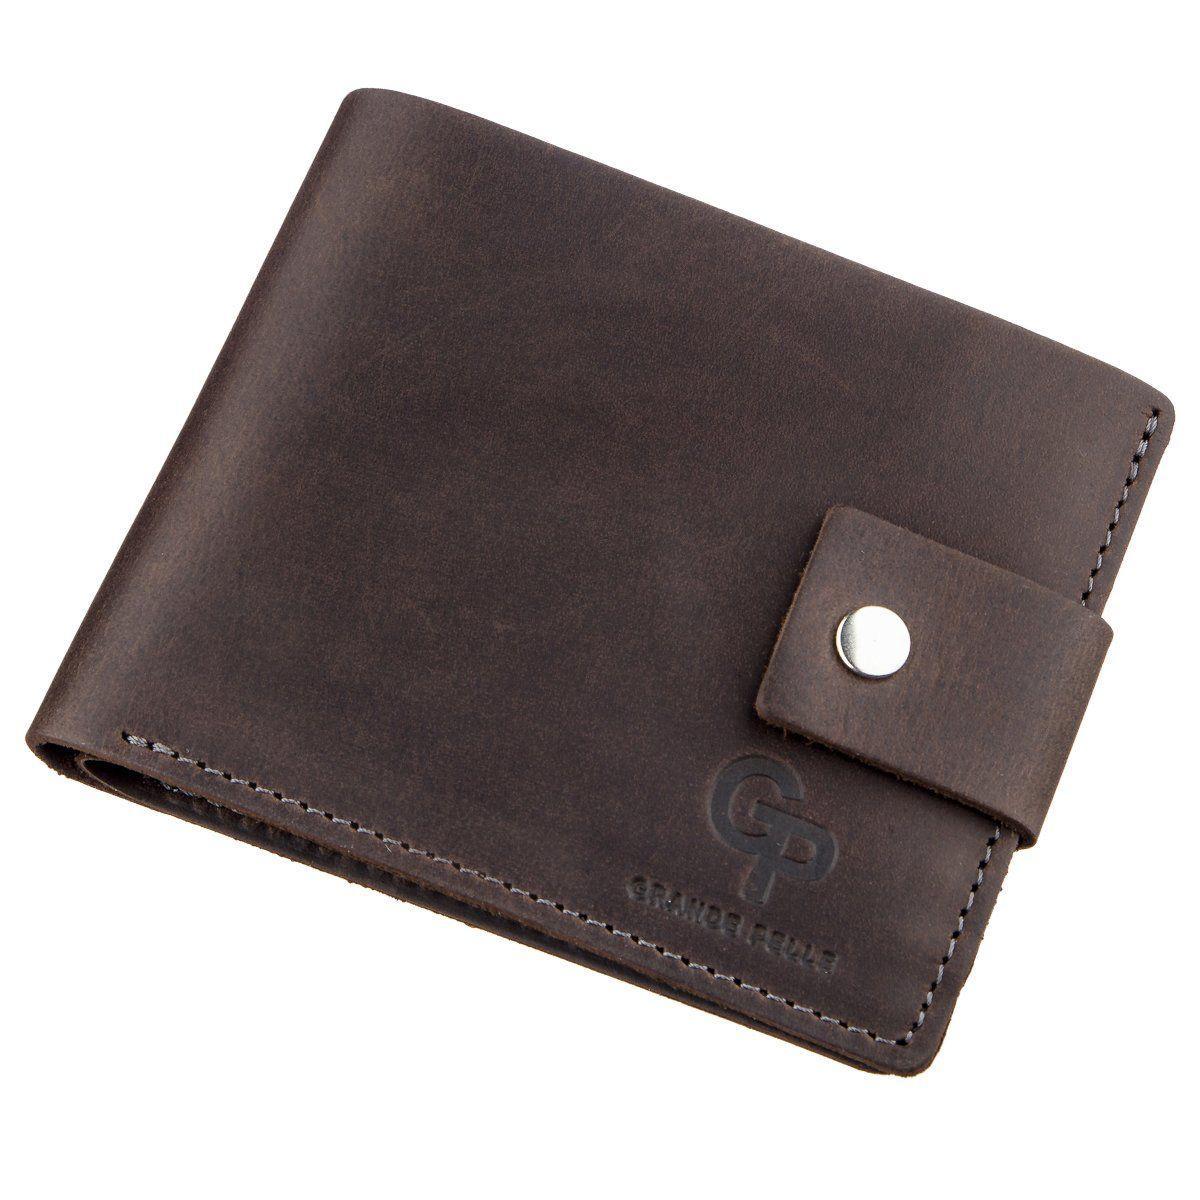 Солидное мужское портмоне винтажное GRANDE PELLE 11230 Коричневое, Коричневый